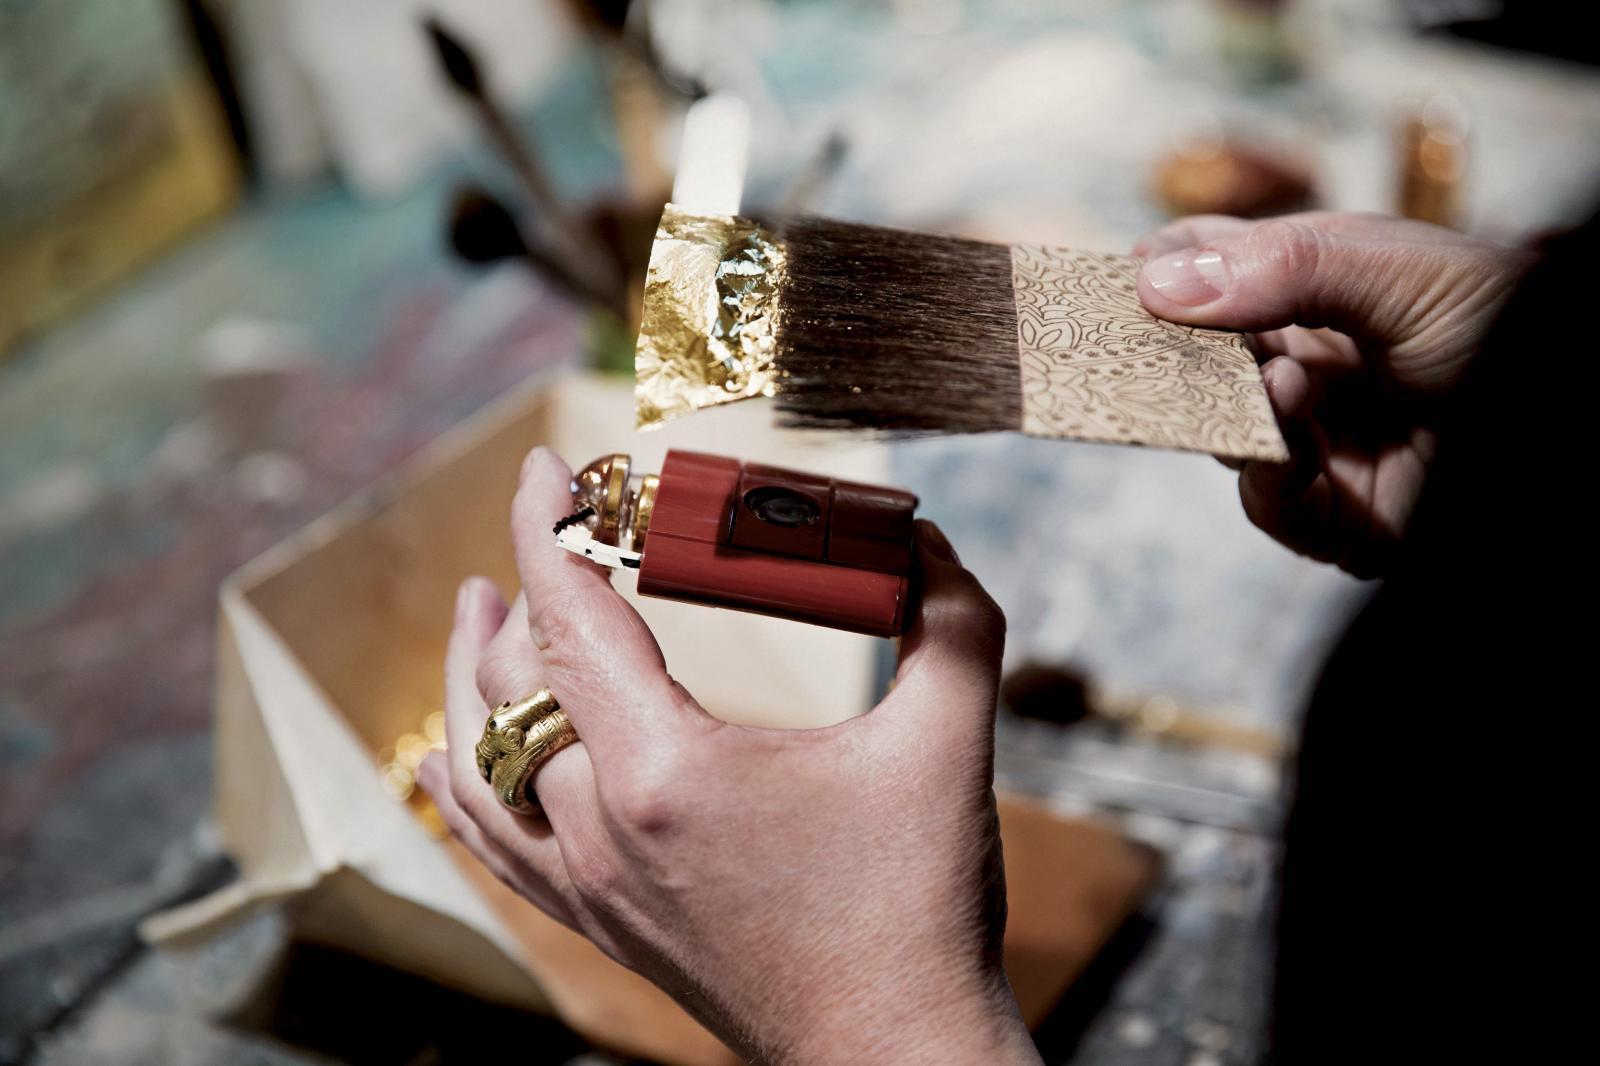 Création de reflets d'or pour célébrer le 40eanniversaire du parfum Opium, Yves Saint Laurent, Beauté, série limitée et numérotée, novembre2017, feu